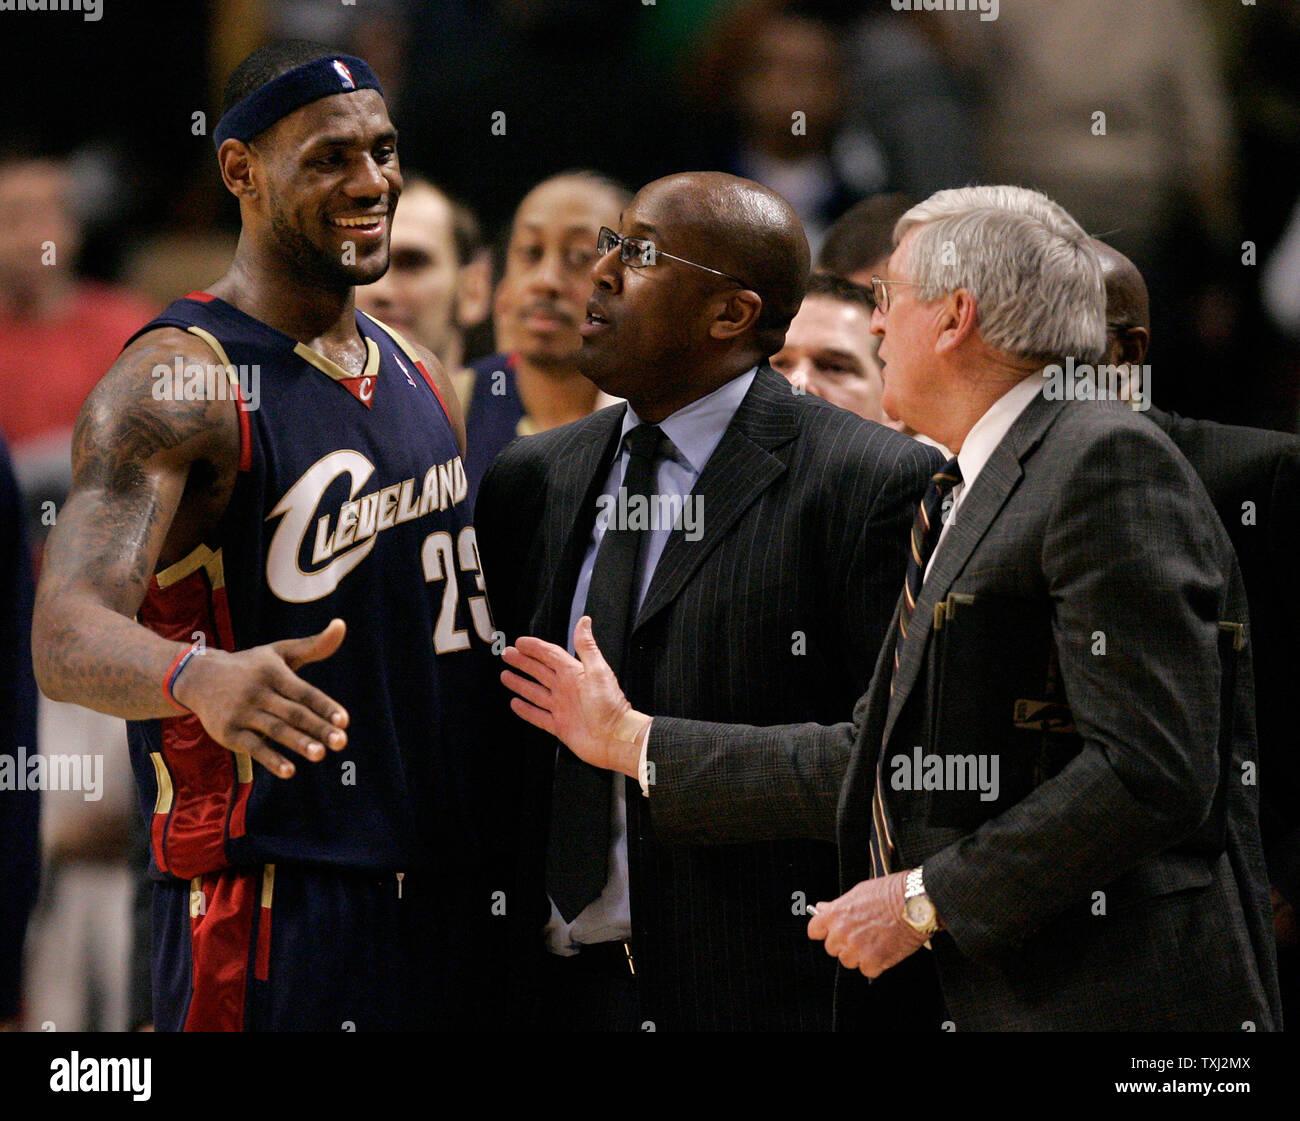 Datazione allenatore Chicago il